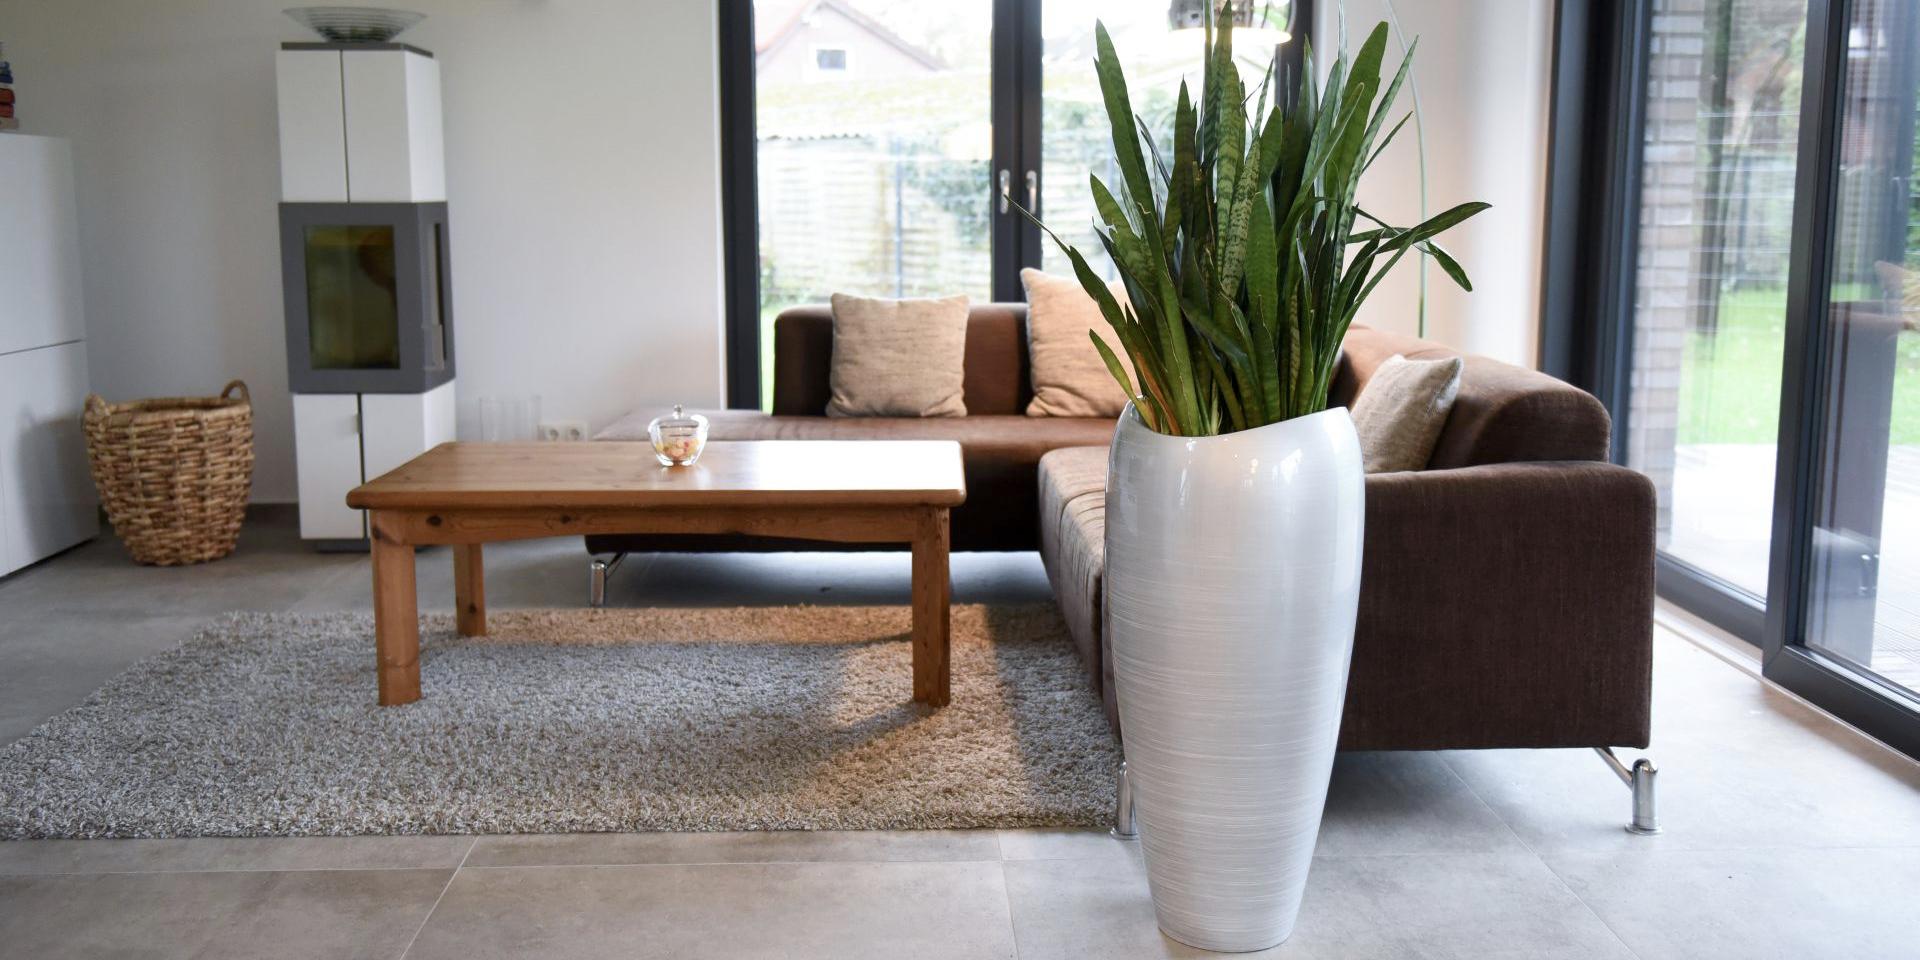 Bodenvasen, Blumenkübel & Pflanzgefäße